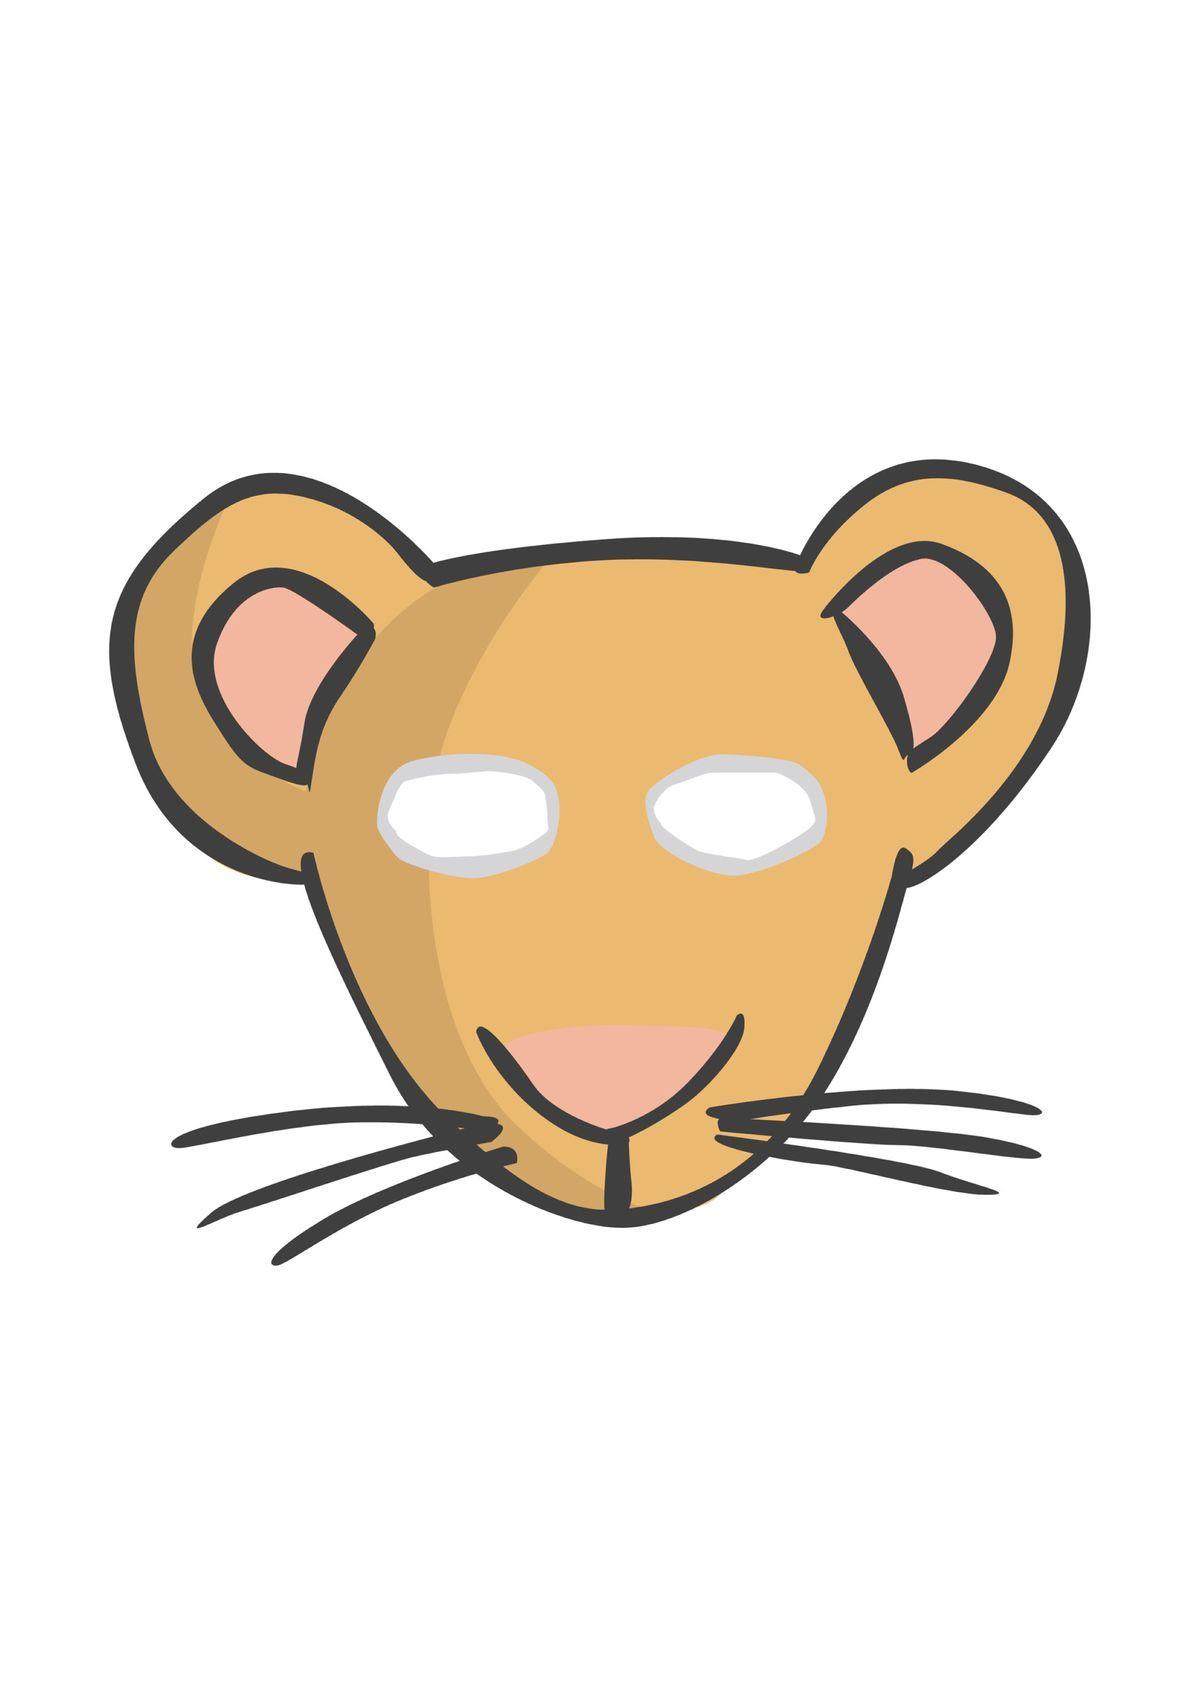 Pin by tess cabarrubias on art activities souris mimi la souris lecture - Jeux de mimi la souris ...